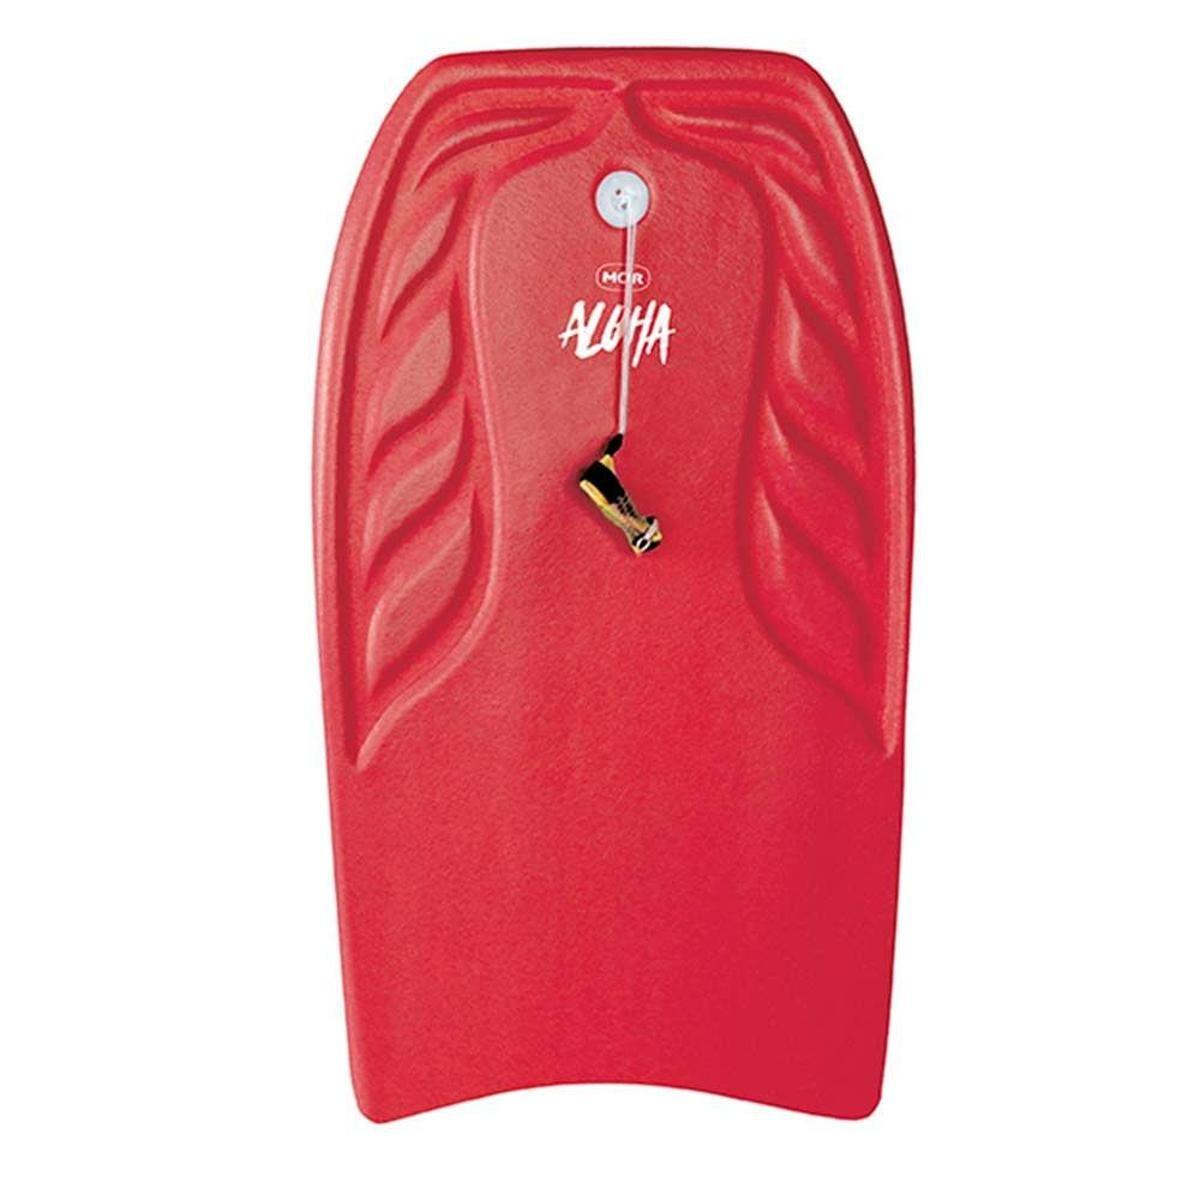 Prancha Bodyboard Aloha 72cm x 43cm - Vermelho - Compre Agora   Netshoes 93d2d15324